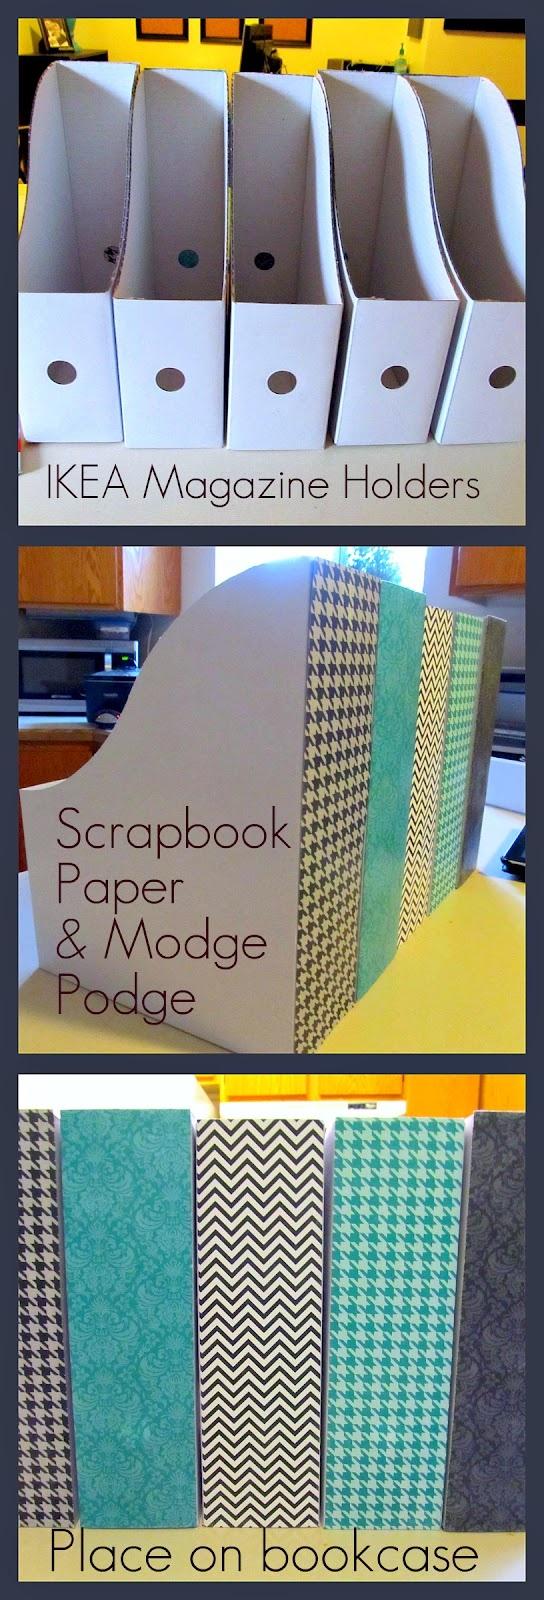 Scrapbook paper organization ideas - 25 Best Ideas About Scrap Paper Storage On Pinterest Craft Paper Storage Organize Paper Scraps And Paper Storage